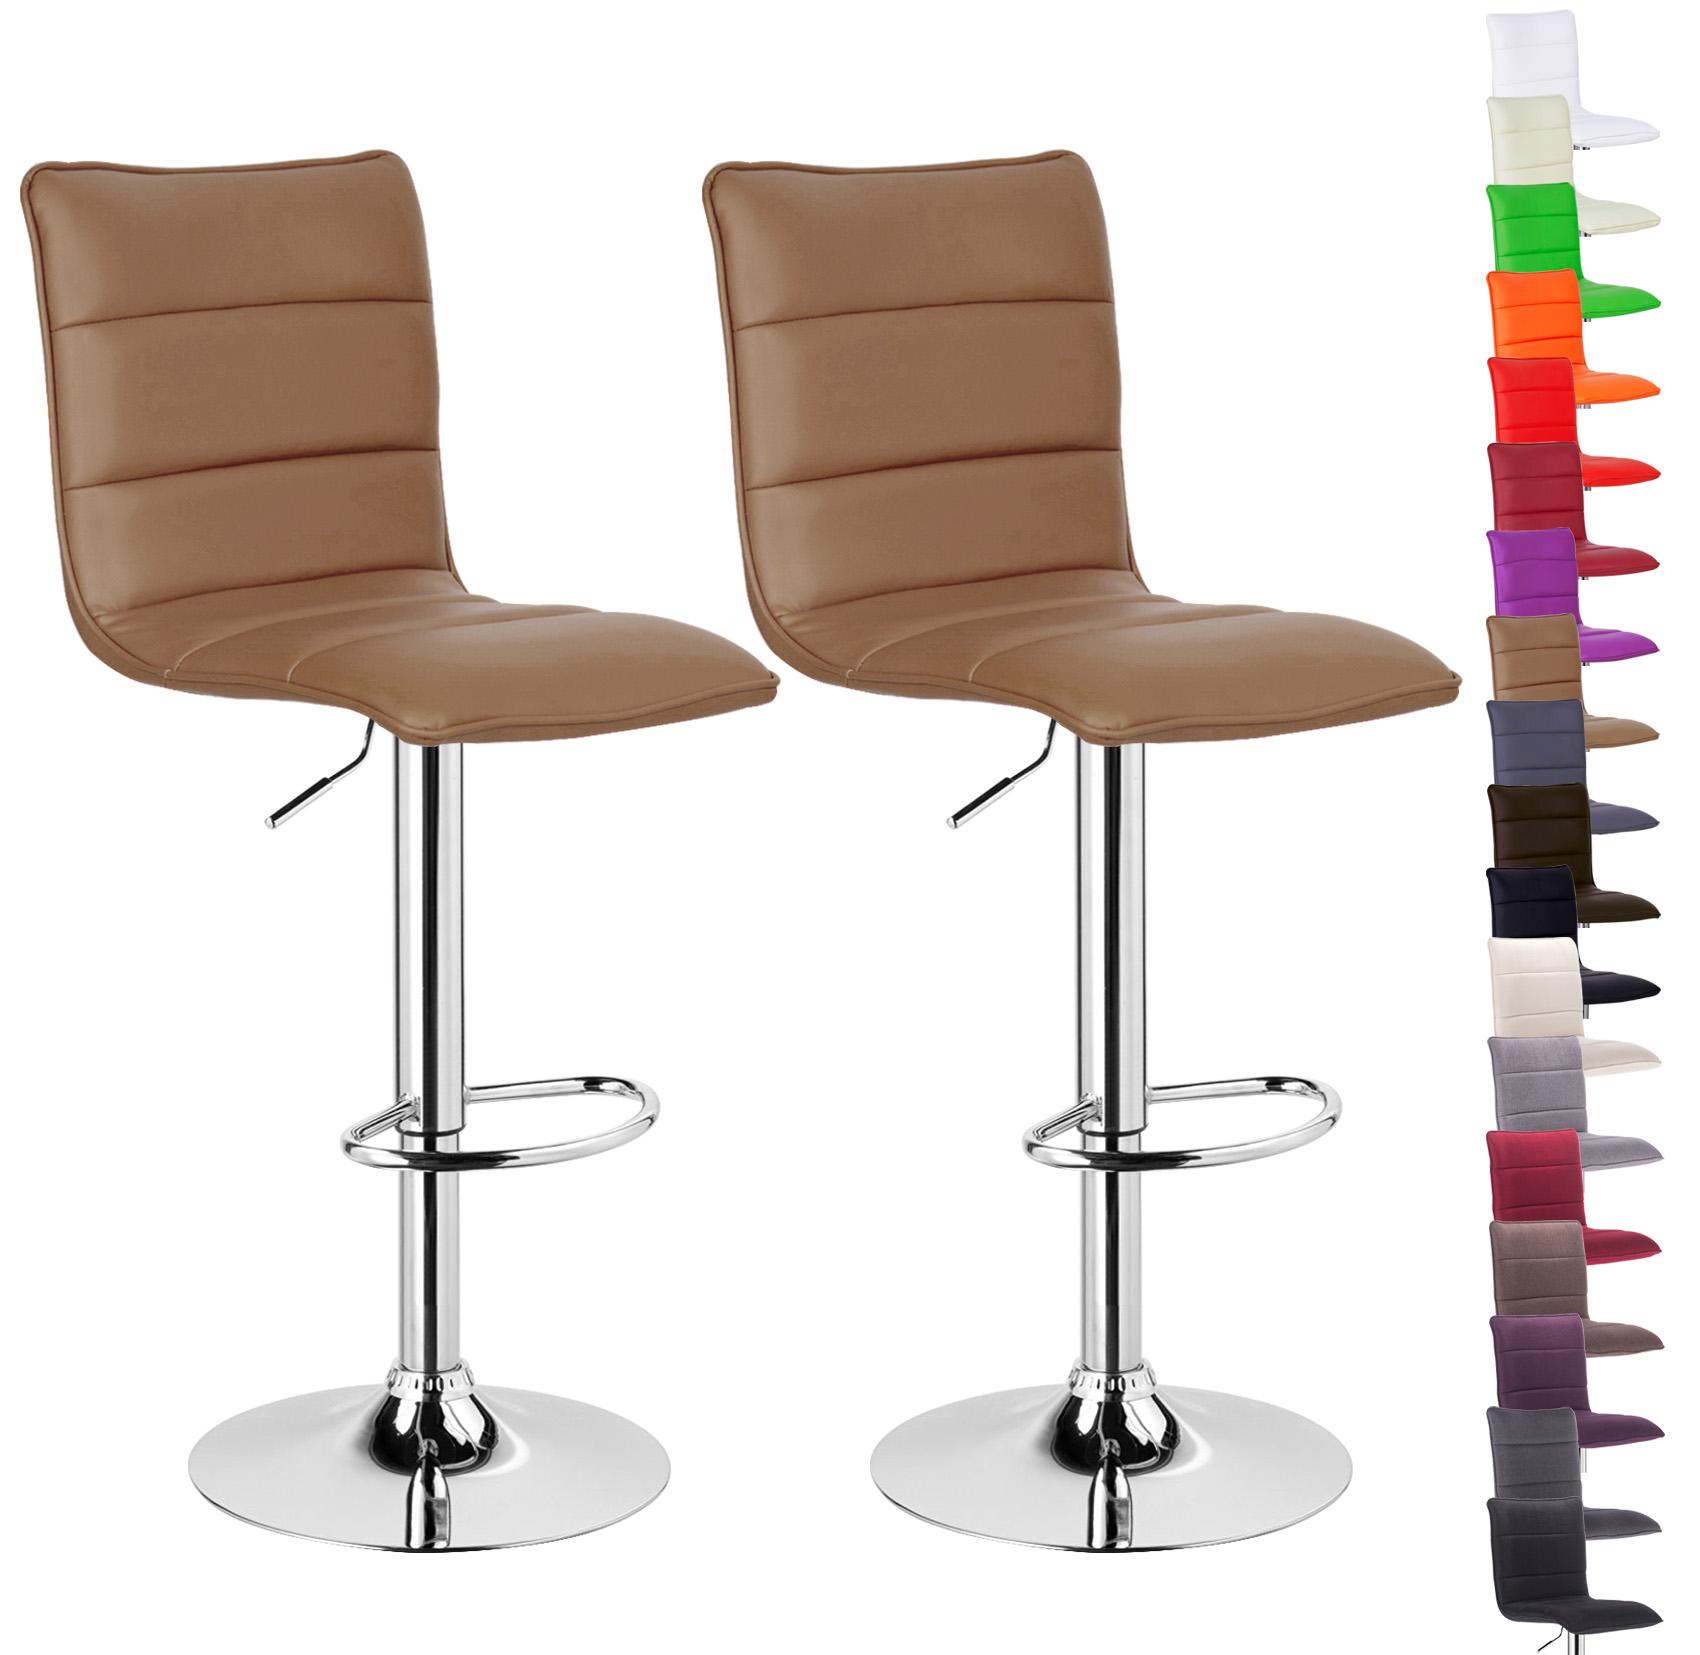 Lot-de-2-Tabouret-de-bar-avec-poignee-en-PU-Tissu-chaise-cuisine-reglable-f008